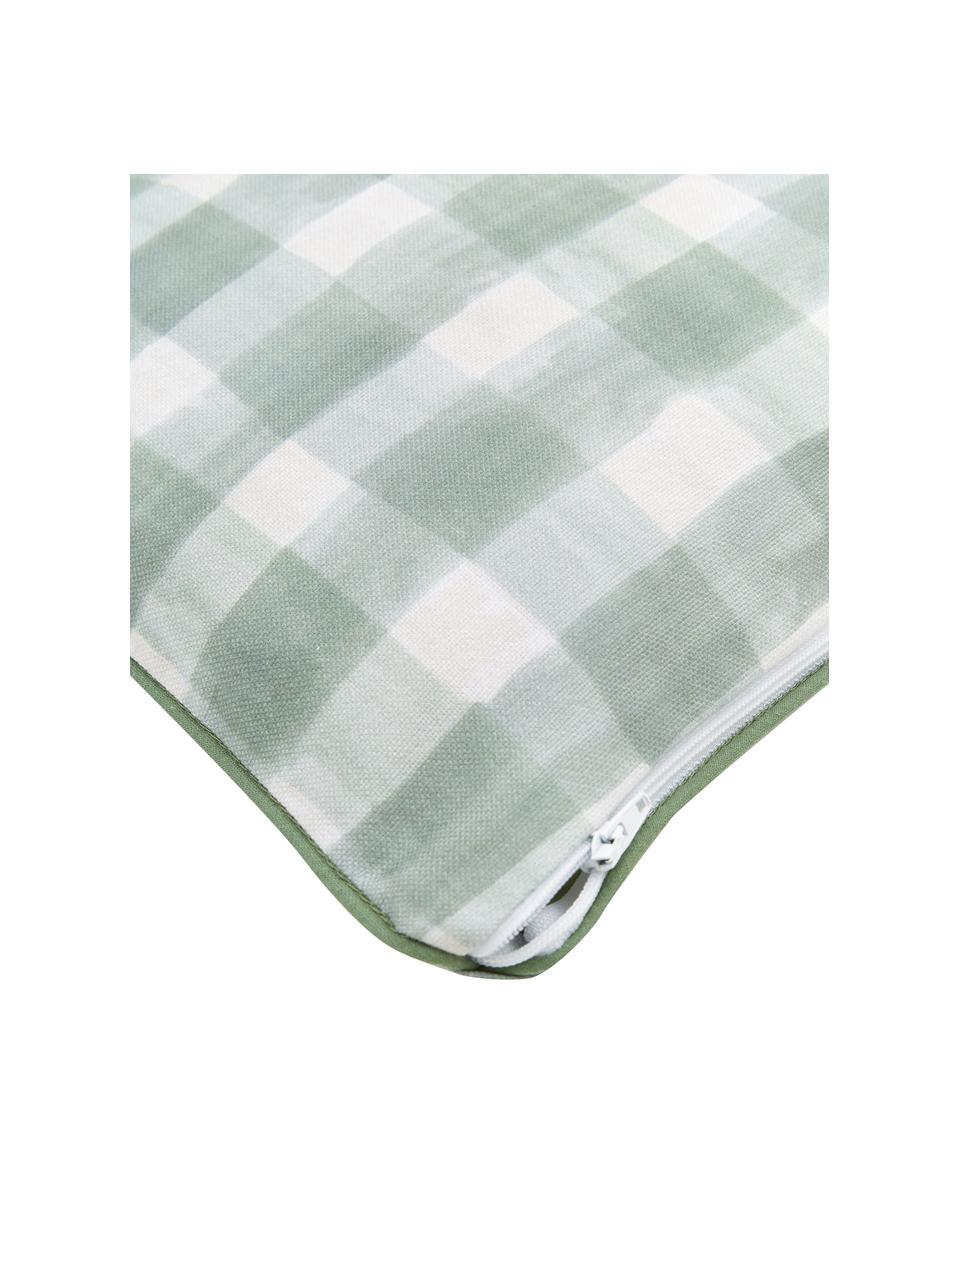 Housse de coussin rectangulaire réversible Check par Candice Gray, Vert